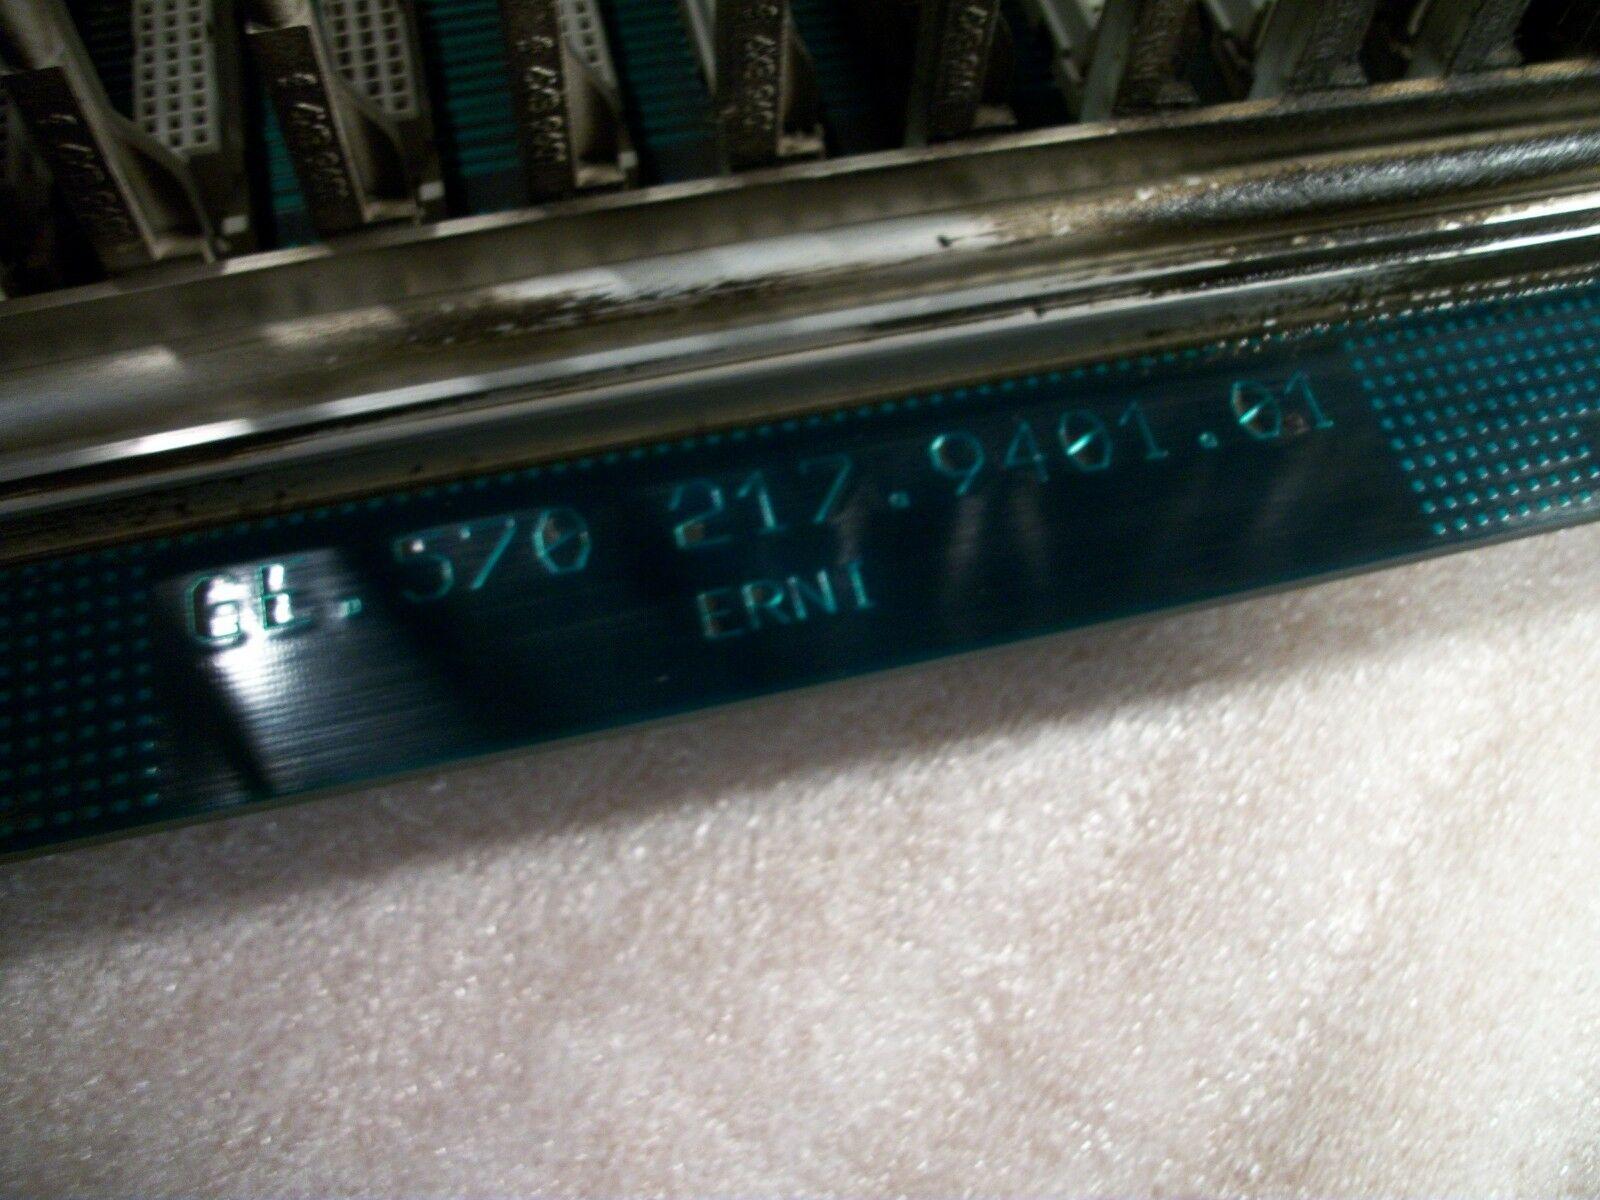 Siemens CNC Control Circuit Board 570 217 9401.01 / 9325EL01/888